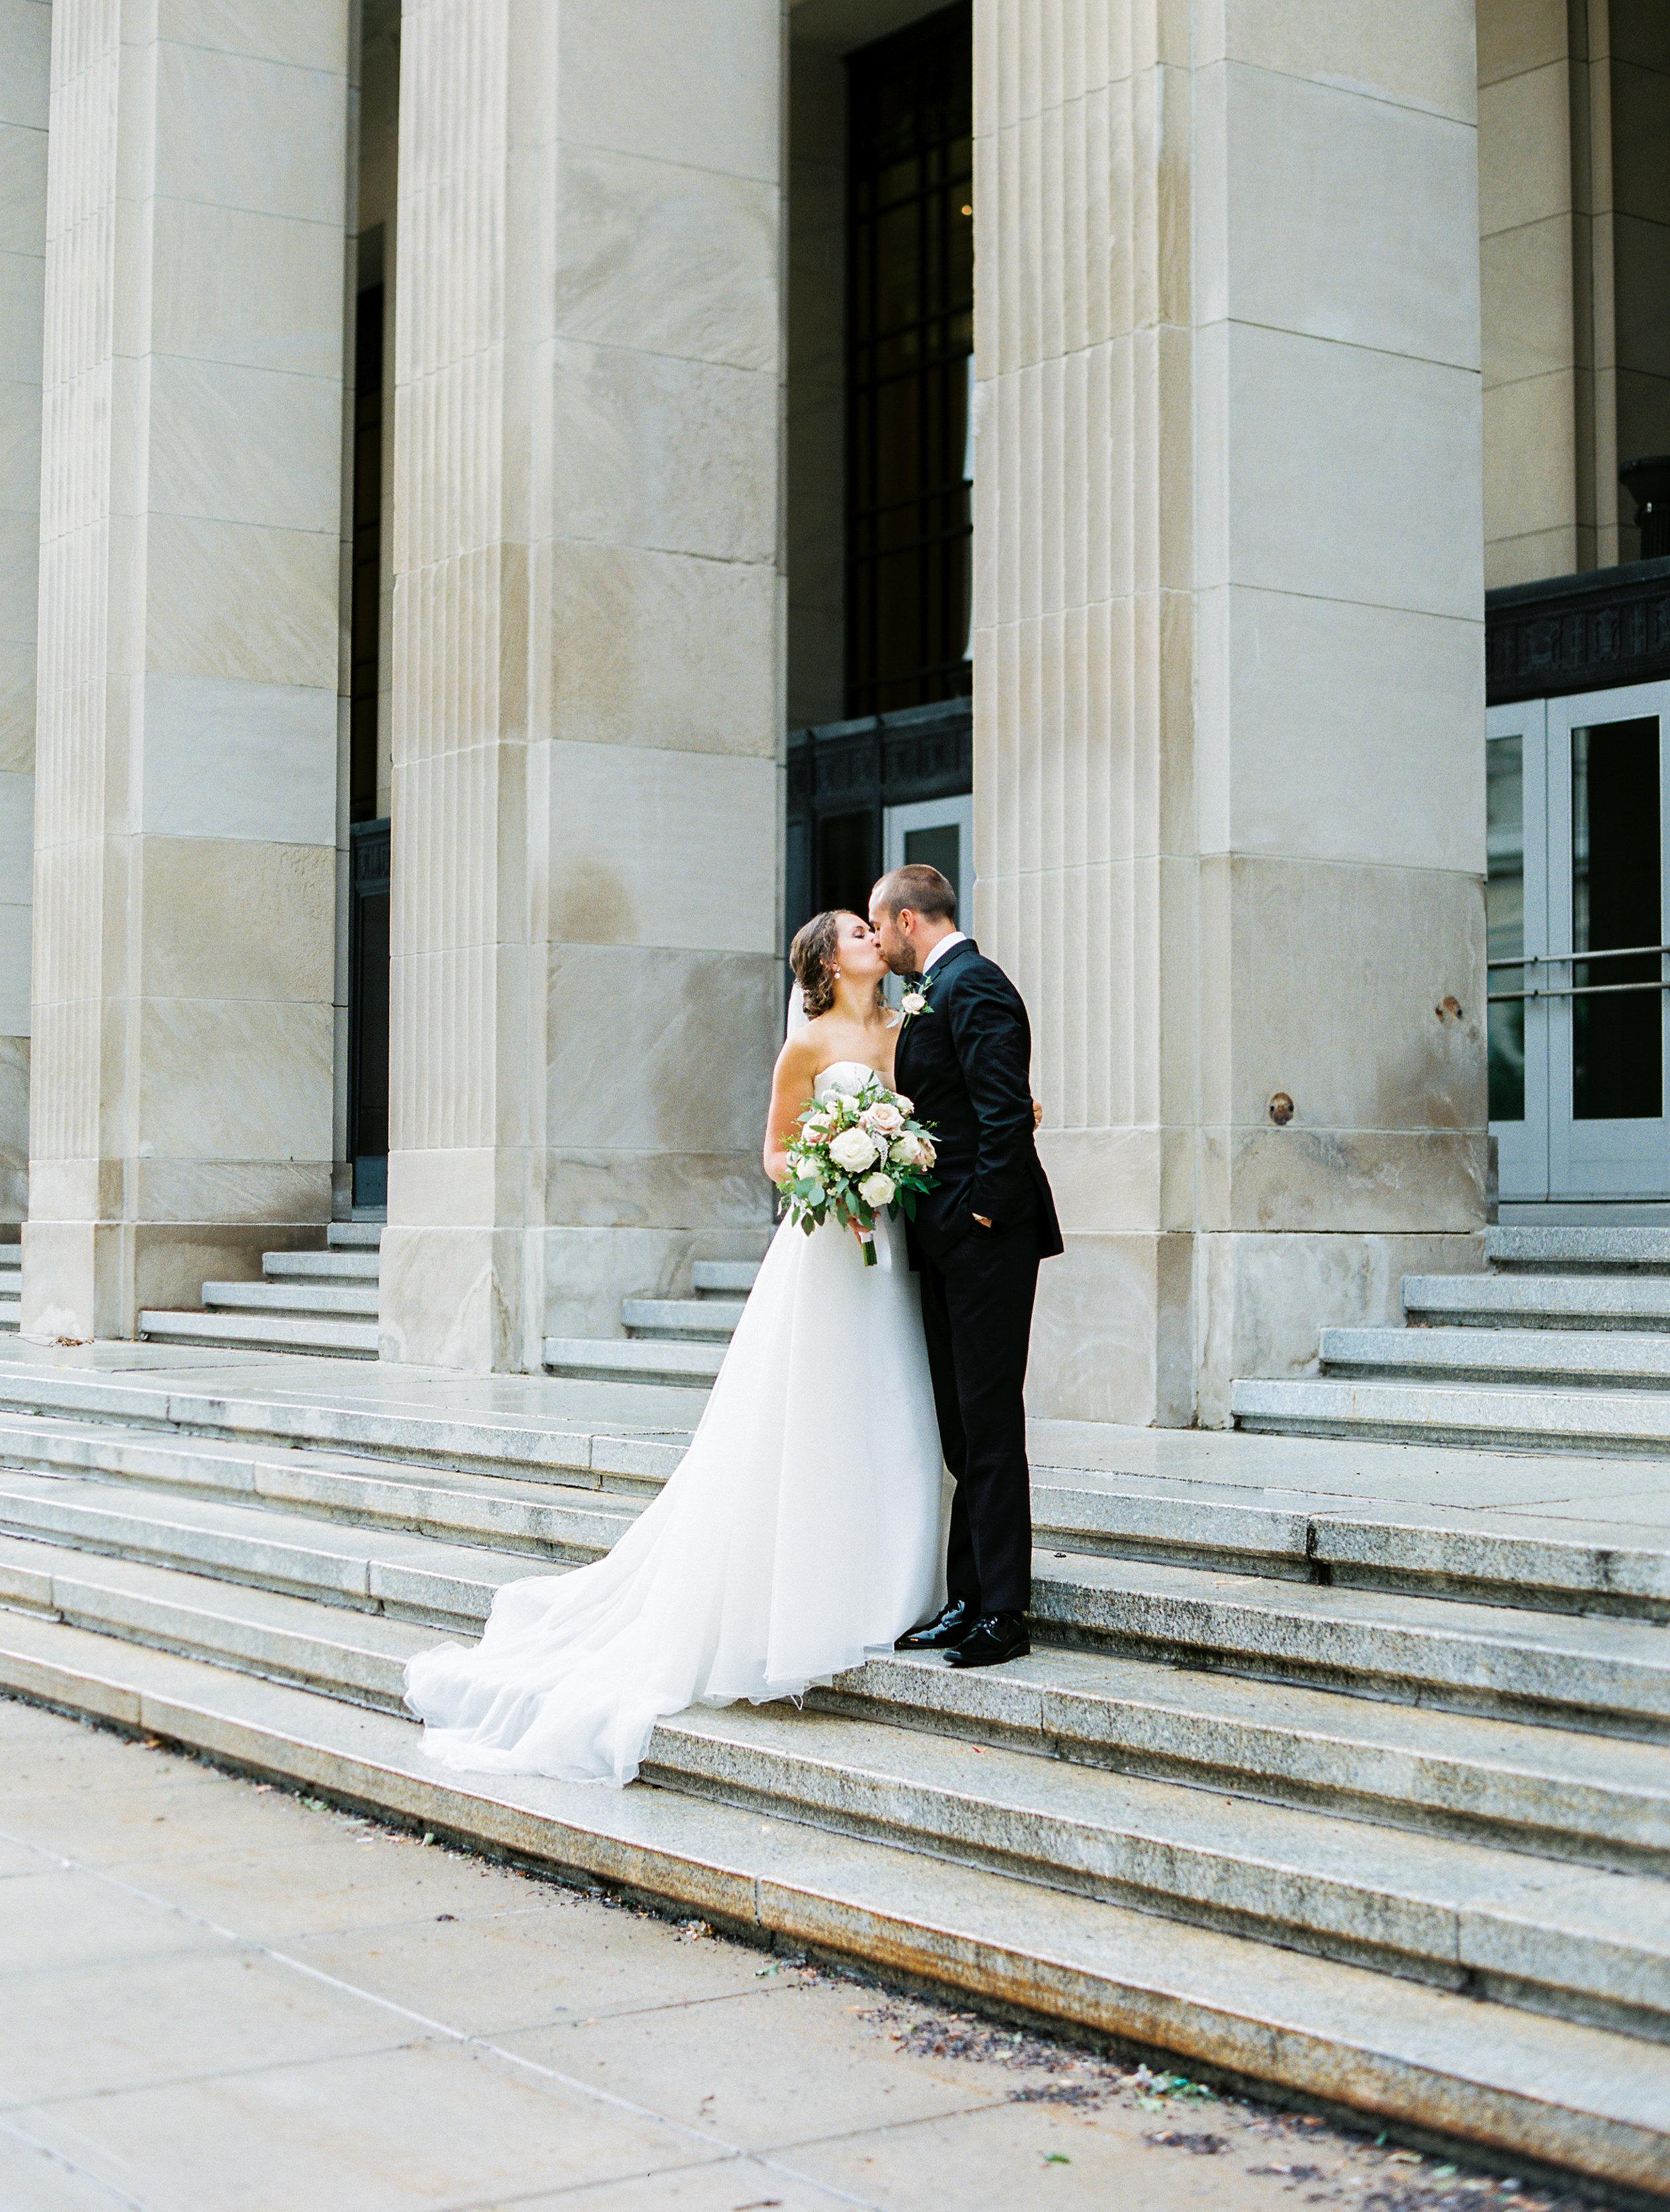 Steiner+Wedding+Bridal+Party-37.jpg